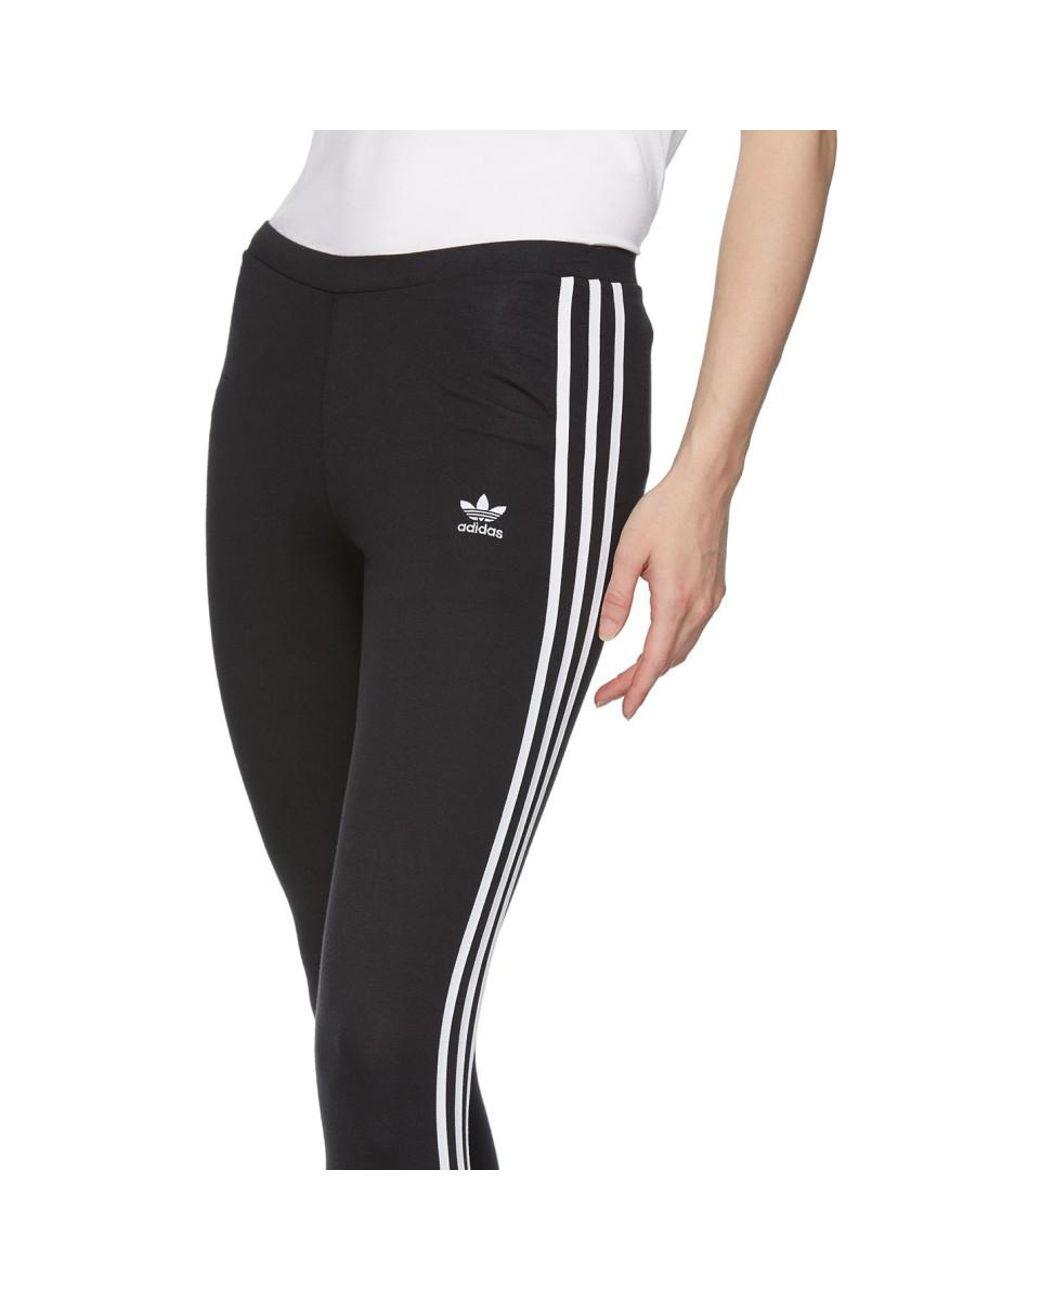 68654ec24c7 adidas Originals Black 3-stripes Leggings in Black - Lyst